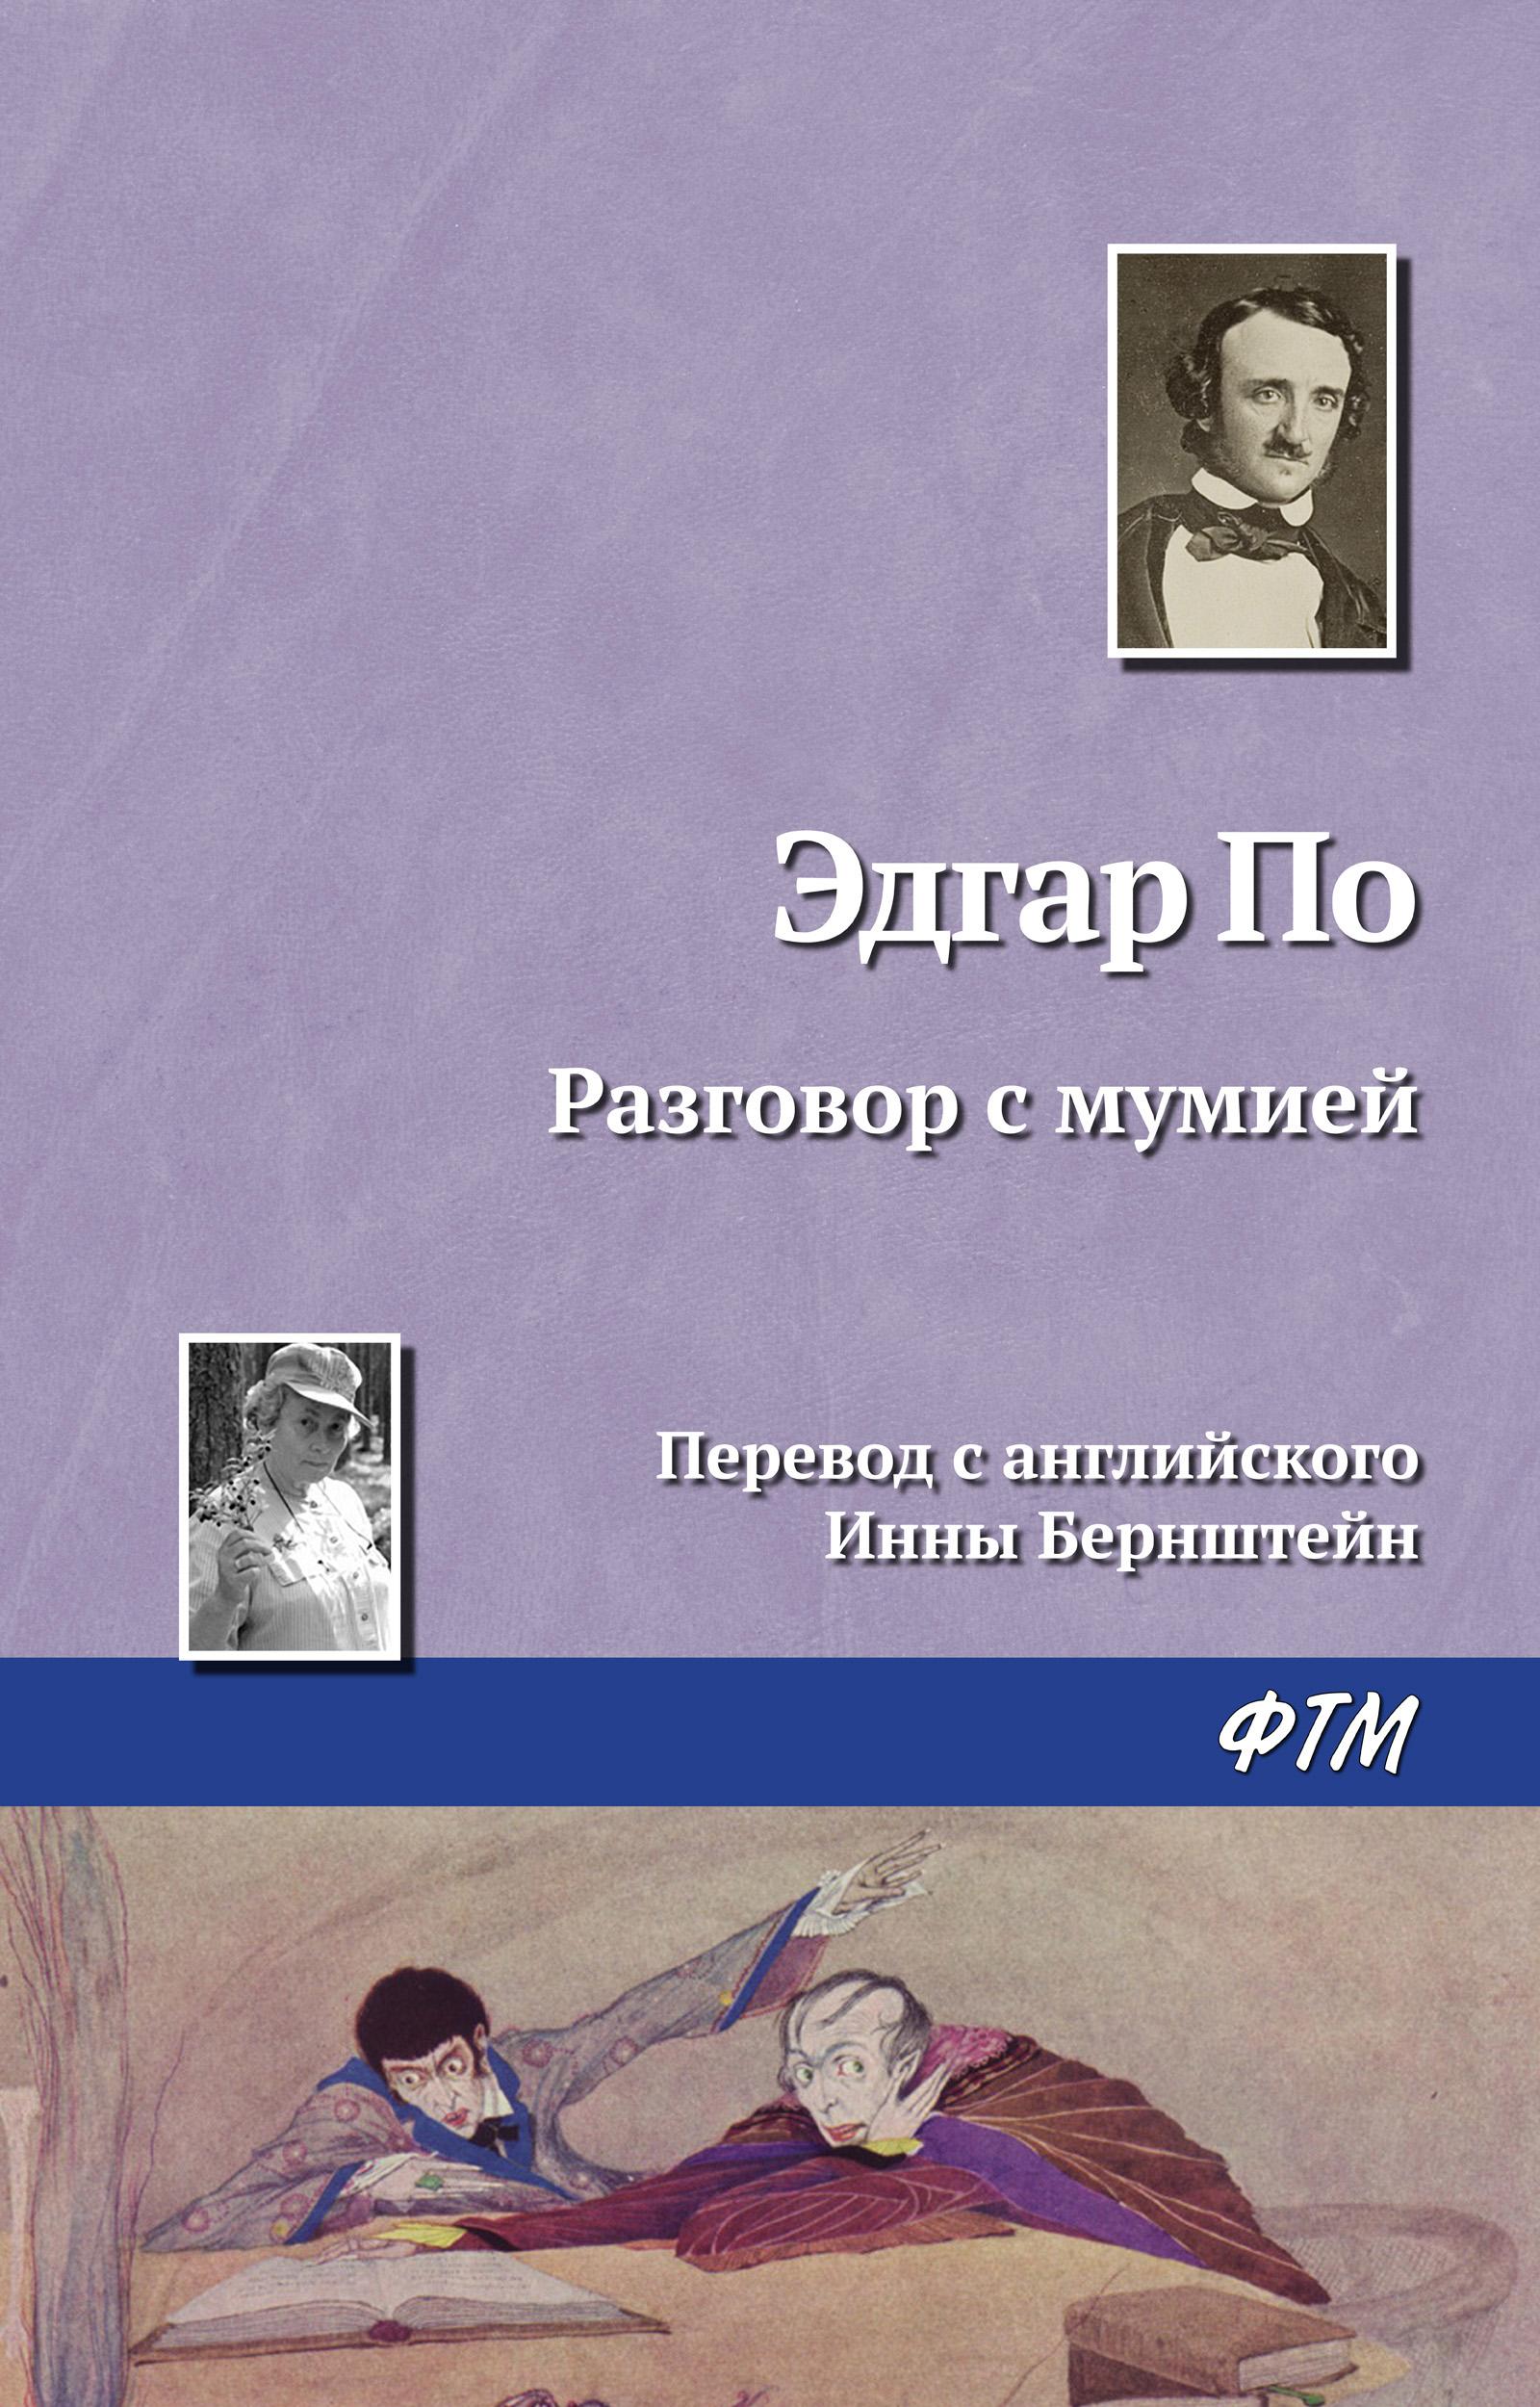 Эдгар Аллан По Разговор с мумией андрей михайлов последняя партия для твоих пальцев и моих нервов